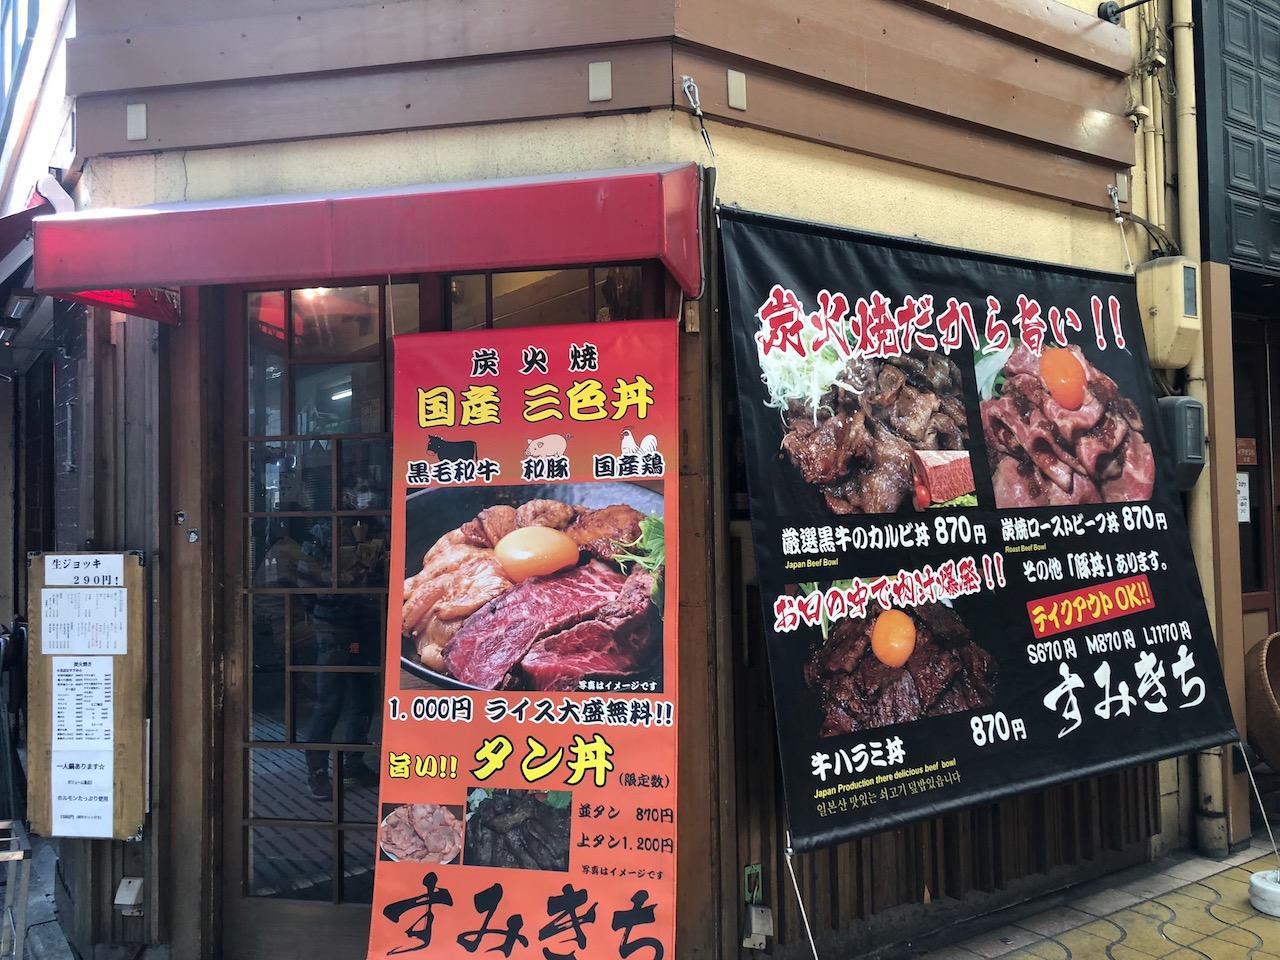 ナニコレ!?うまっ!ローストビーフ丼で有名な「すみきち」で牛ハラミ丼食べてきた!